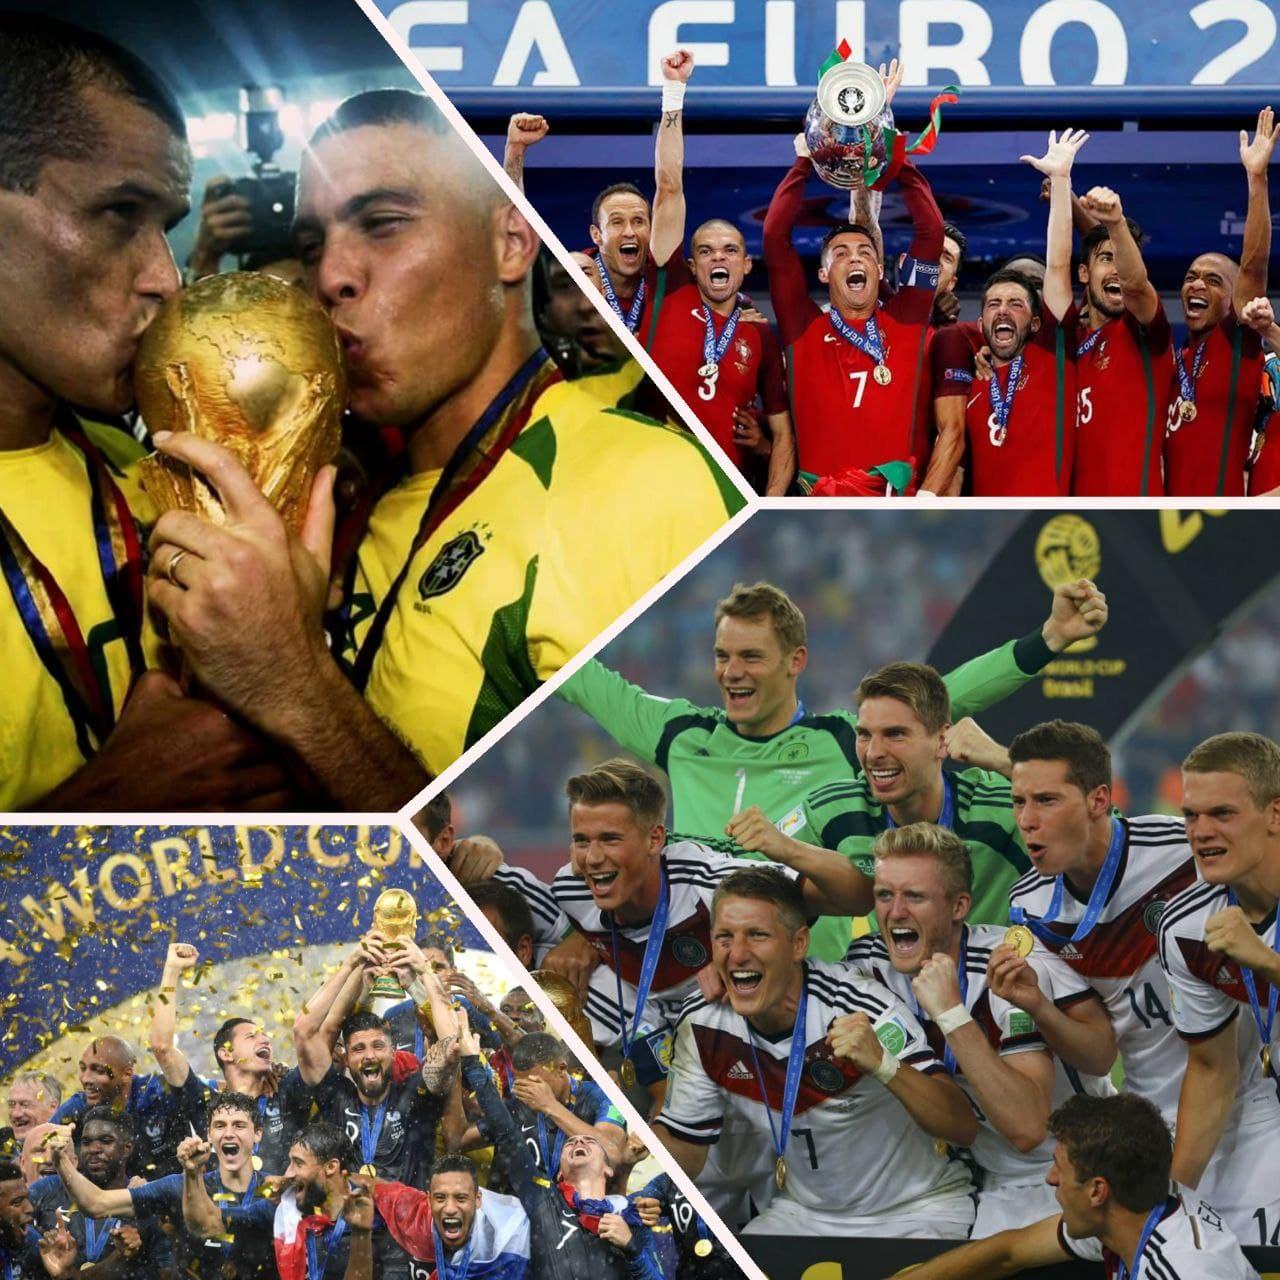 Сборная Германии по футболу, Сборная Португалии по футболу, Евро-2020, Роналдо, Поль Погба, Сборная Франции по футболу, сборная Италии по футболу, Фабио Каннаваро, Криштиану Роналду, Сборная Бразилии по футболу